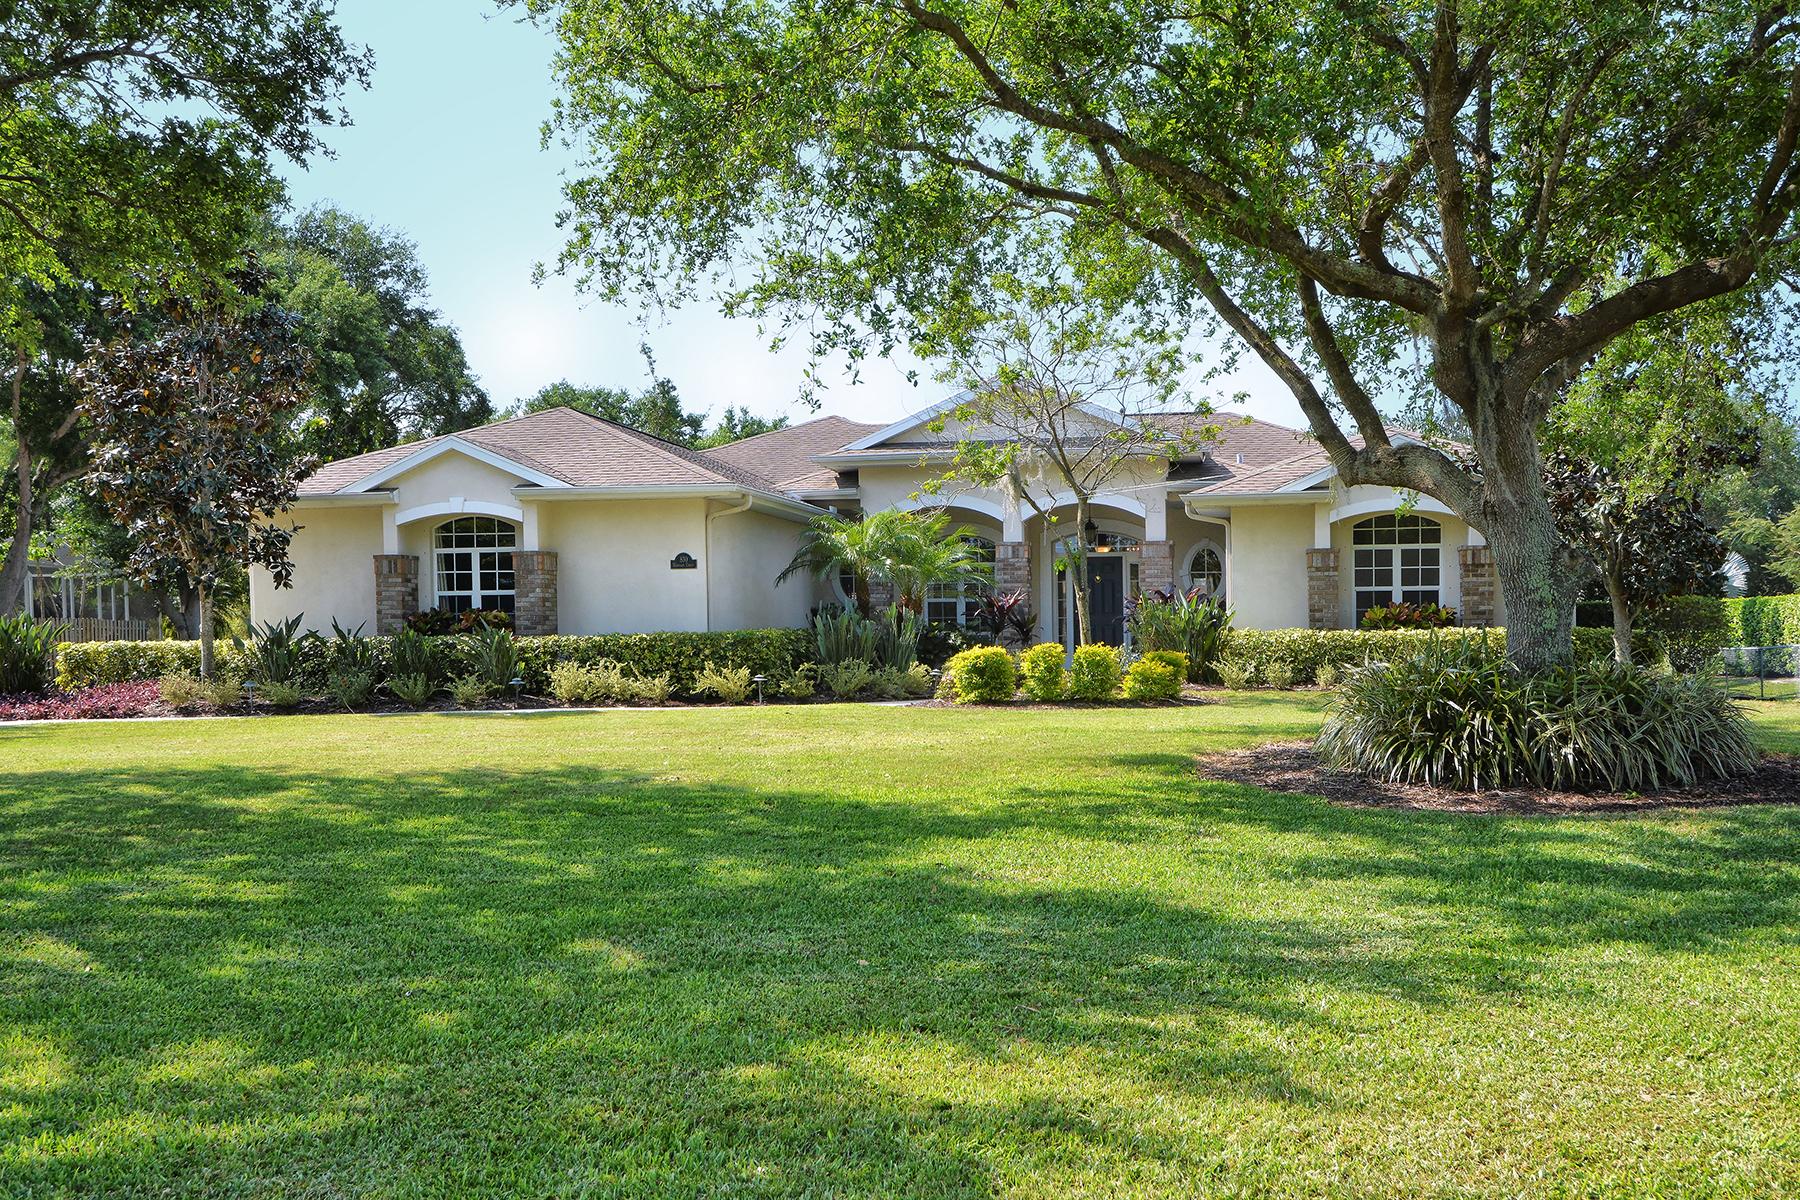 独户住宅 为 销售 在 MISSION VALLEY ESTATES 830 Highland Cir 诺科米斯, 佛罗里达州, 34275 美国